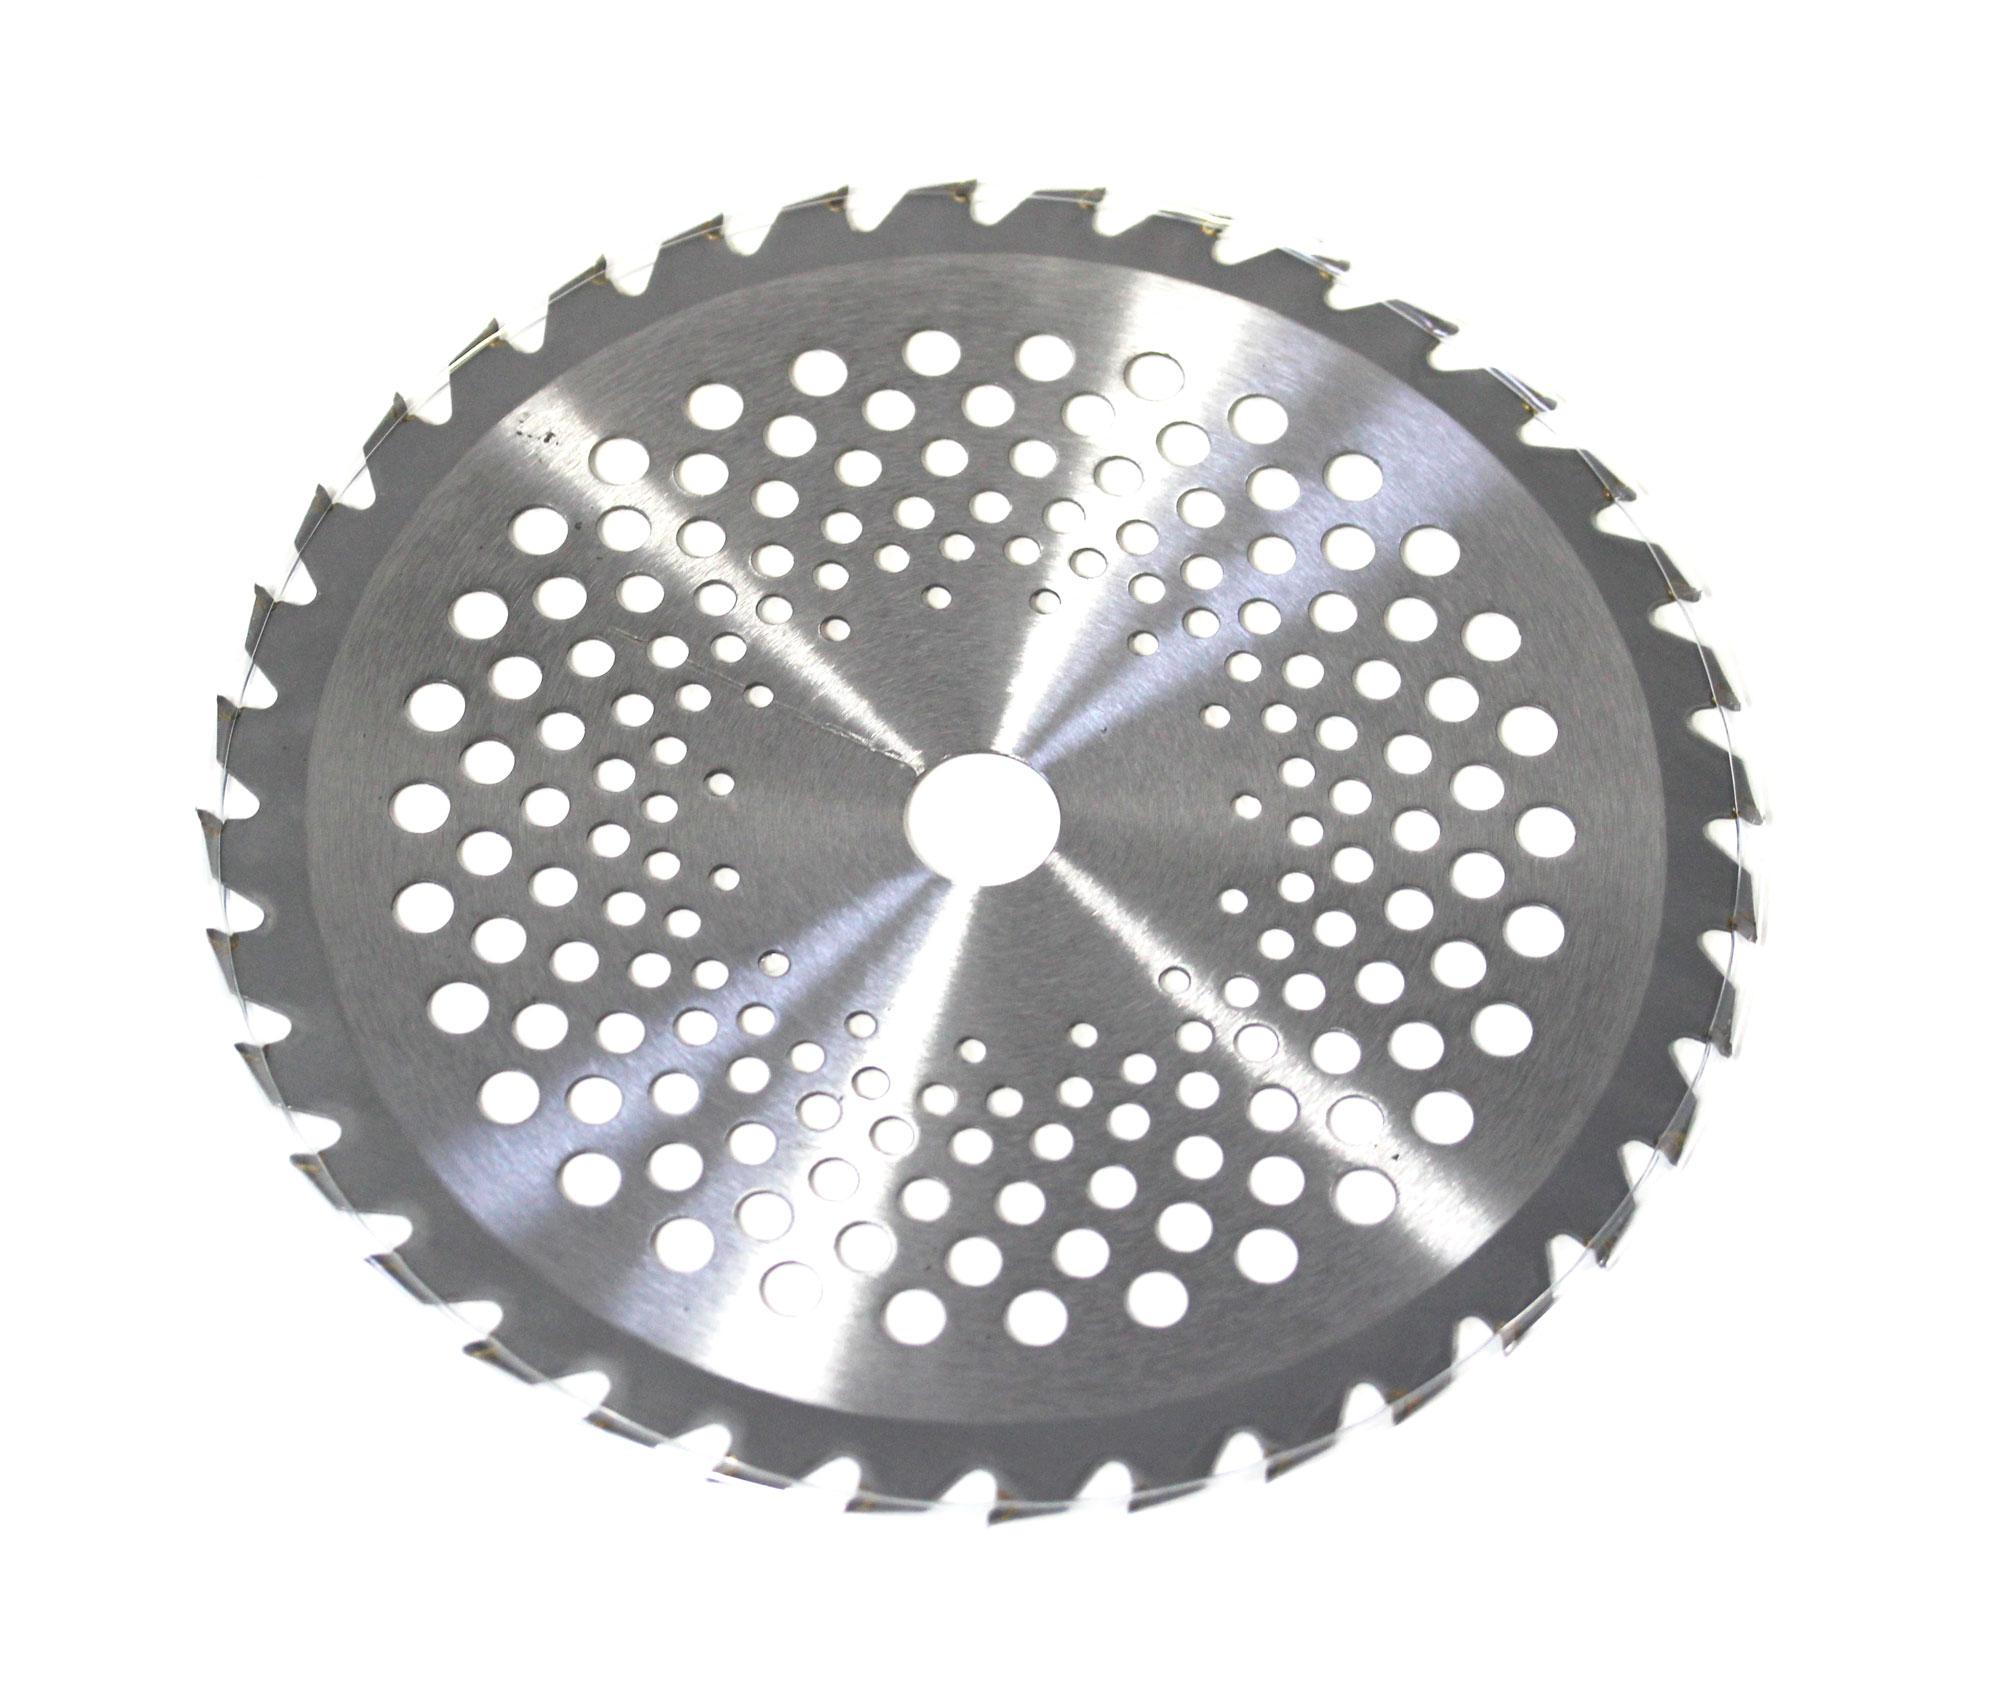 Ersatz 36-Zahnmesser für Grizzly Motorsense MTS 43-14 E2 Bild 1